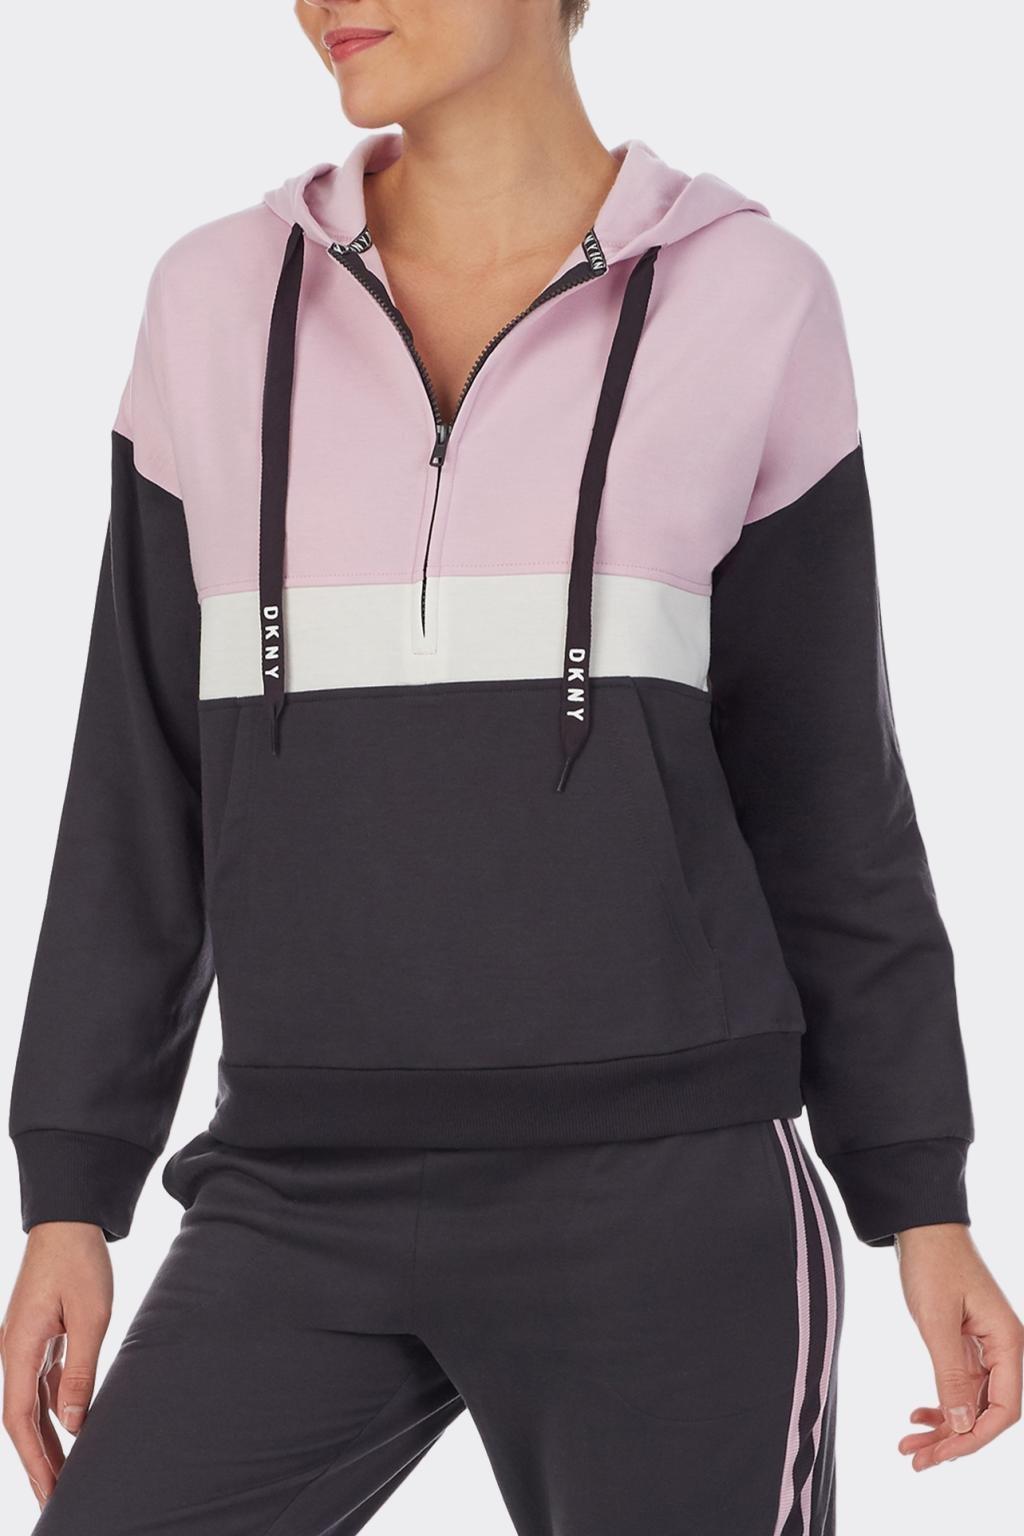 DKNY dámské mikina - šedá, růžová